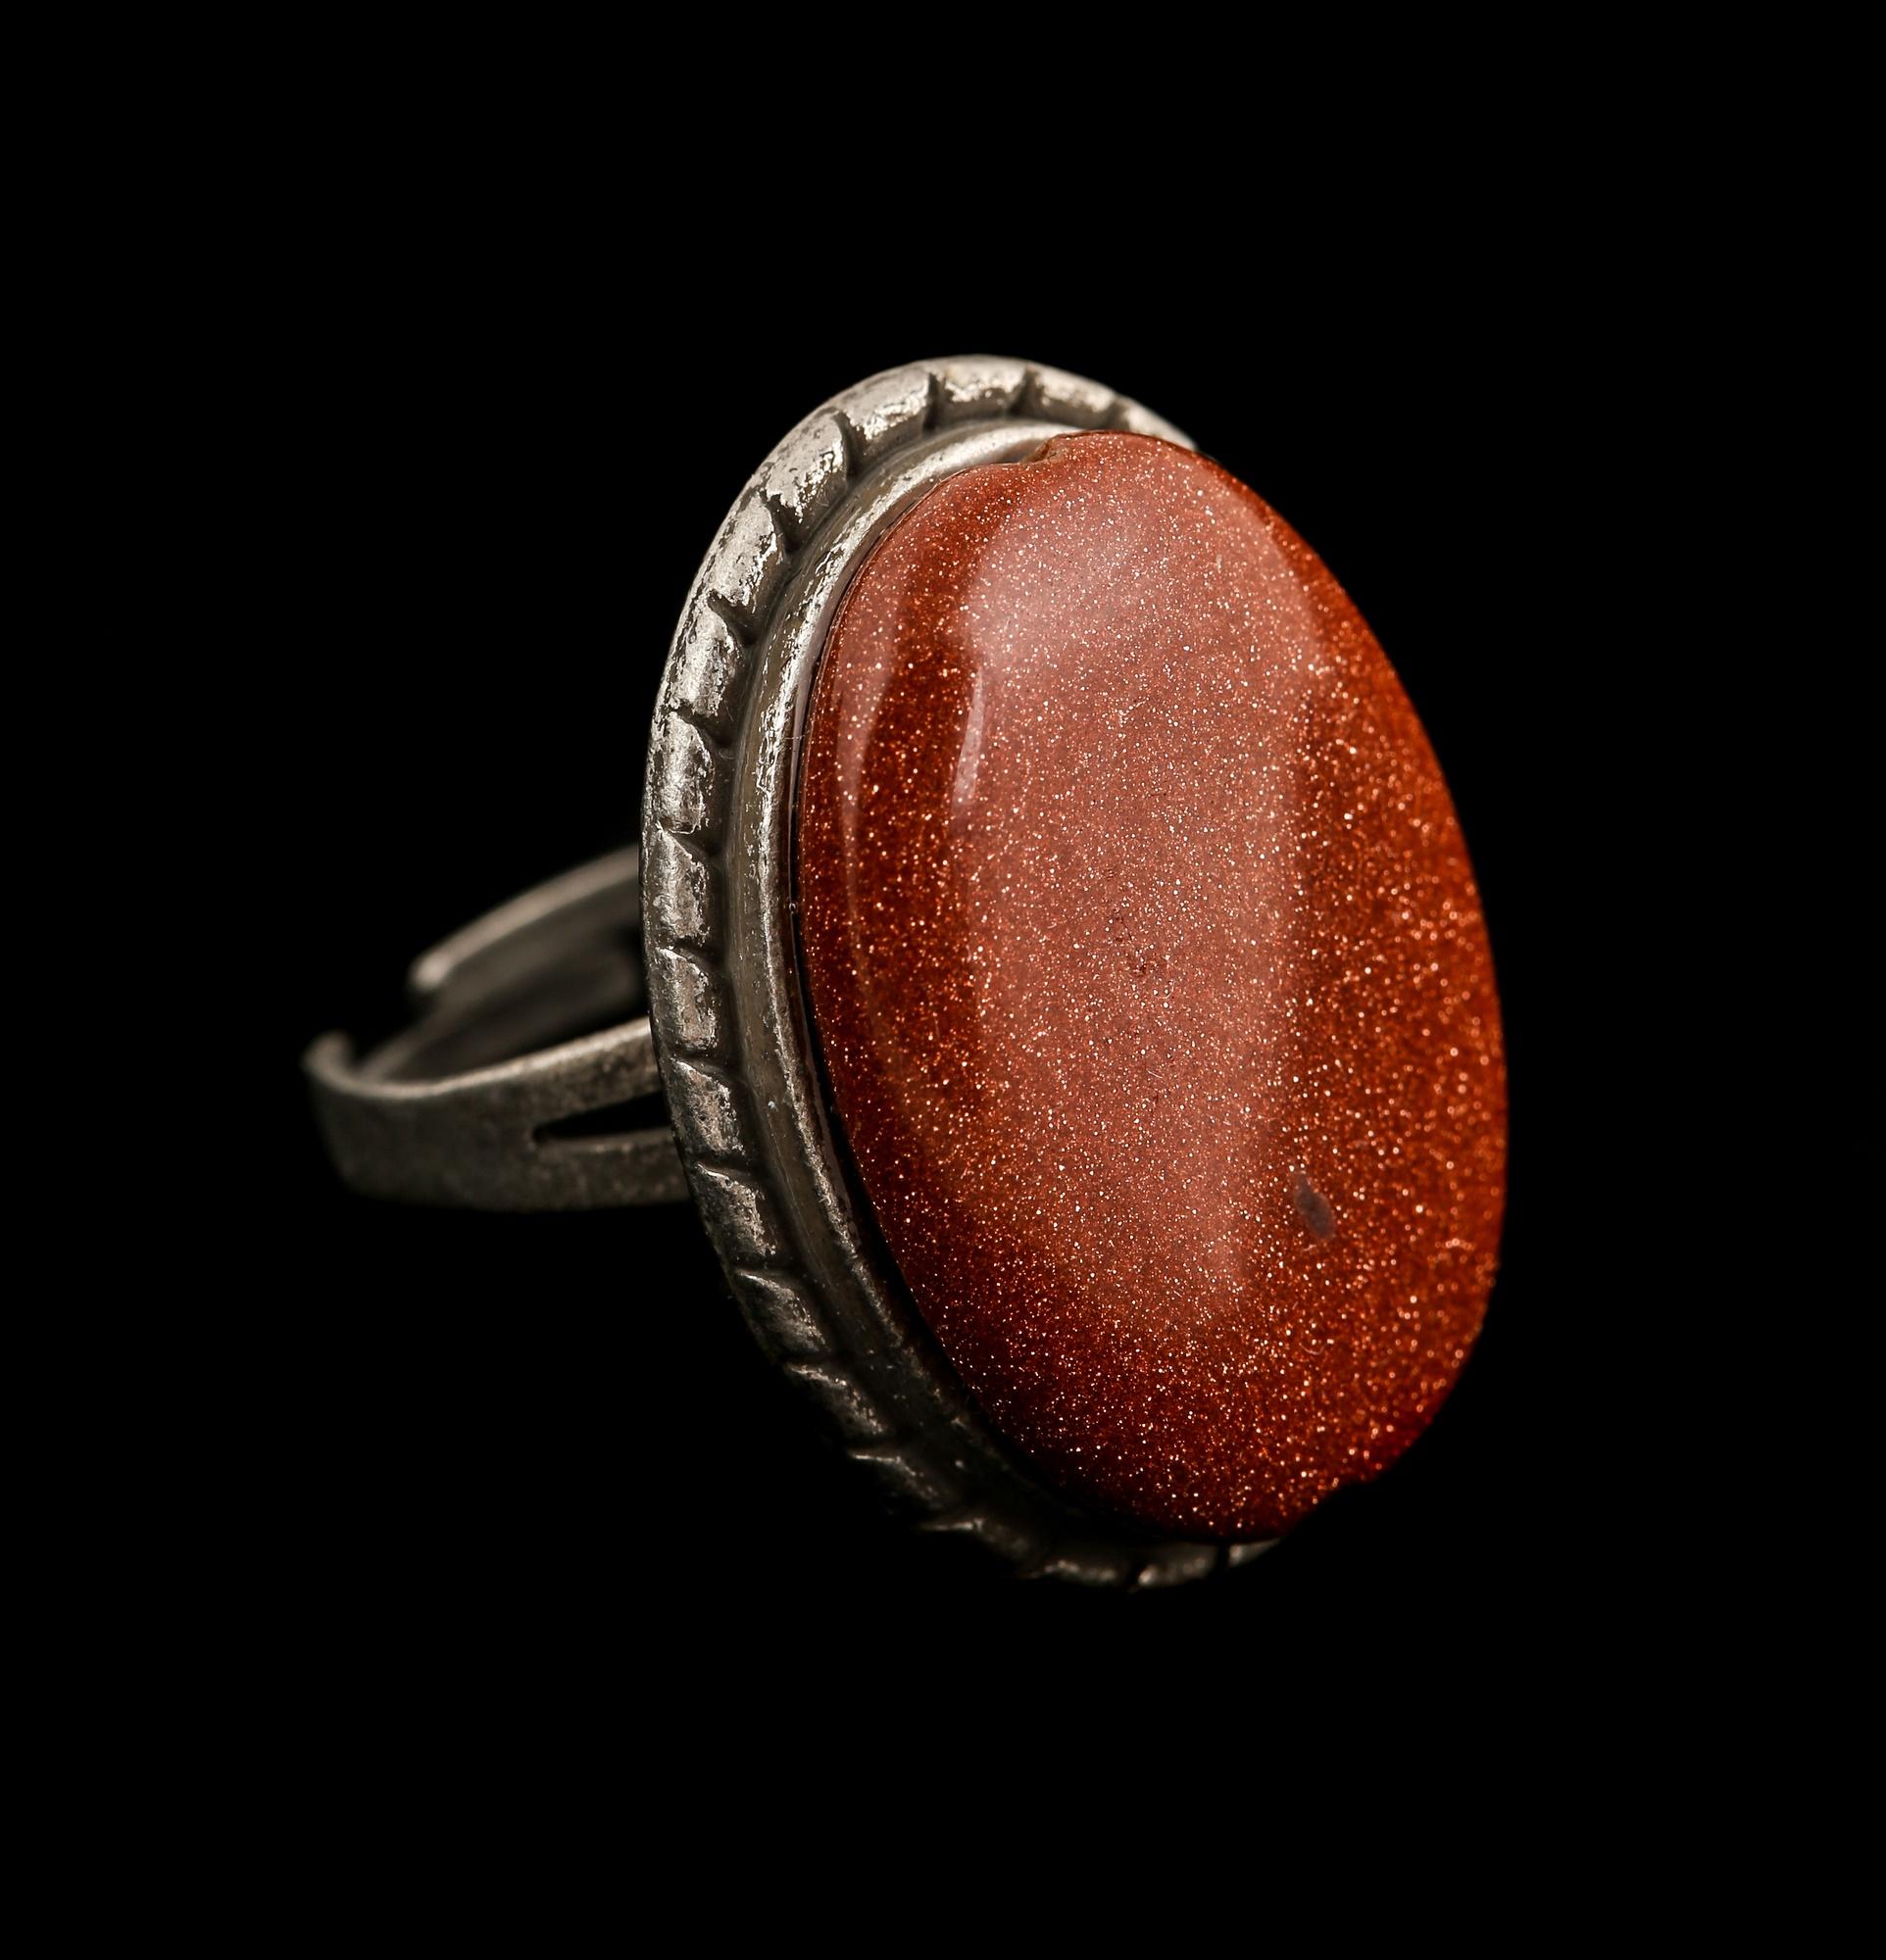 טבעת מגולדסטון אדומה. מהאוסף של החנות From the collection of KSC-CRYSTALS